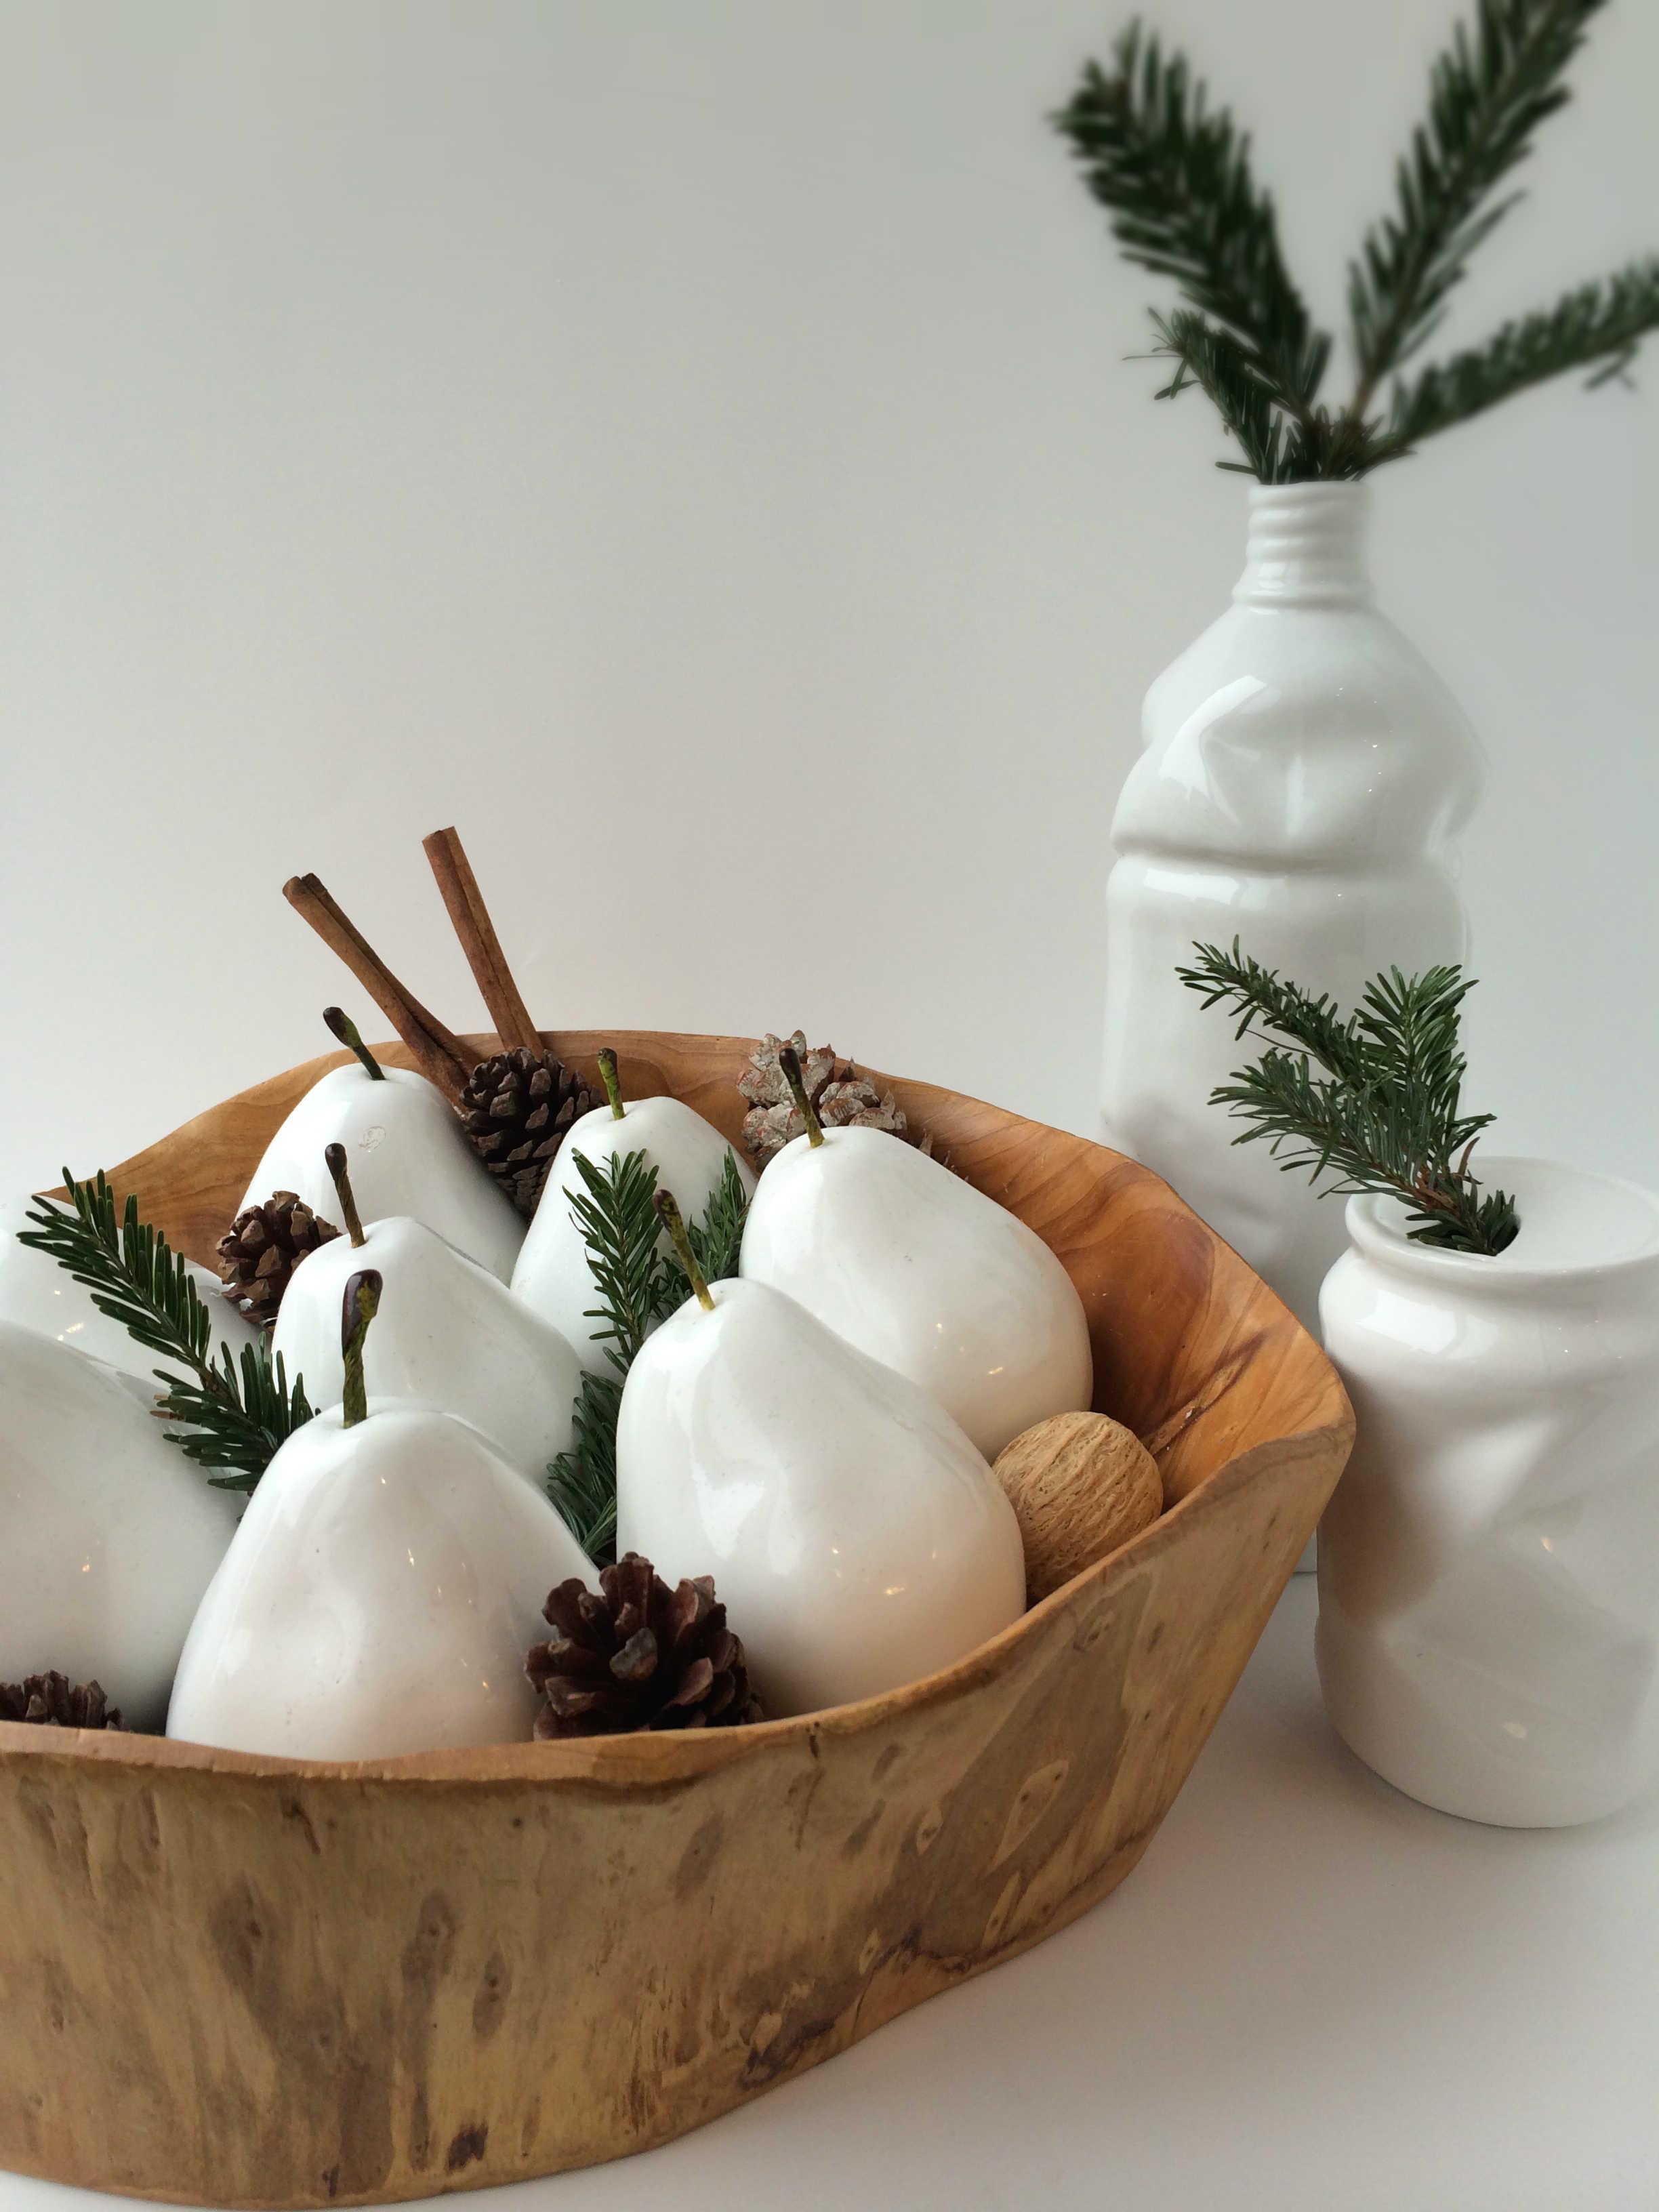 Tischdeko Ideen zu Weihnachten Holzschüssel weiße